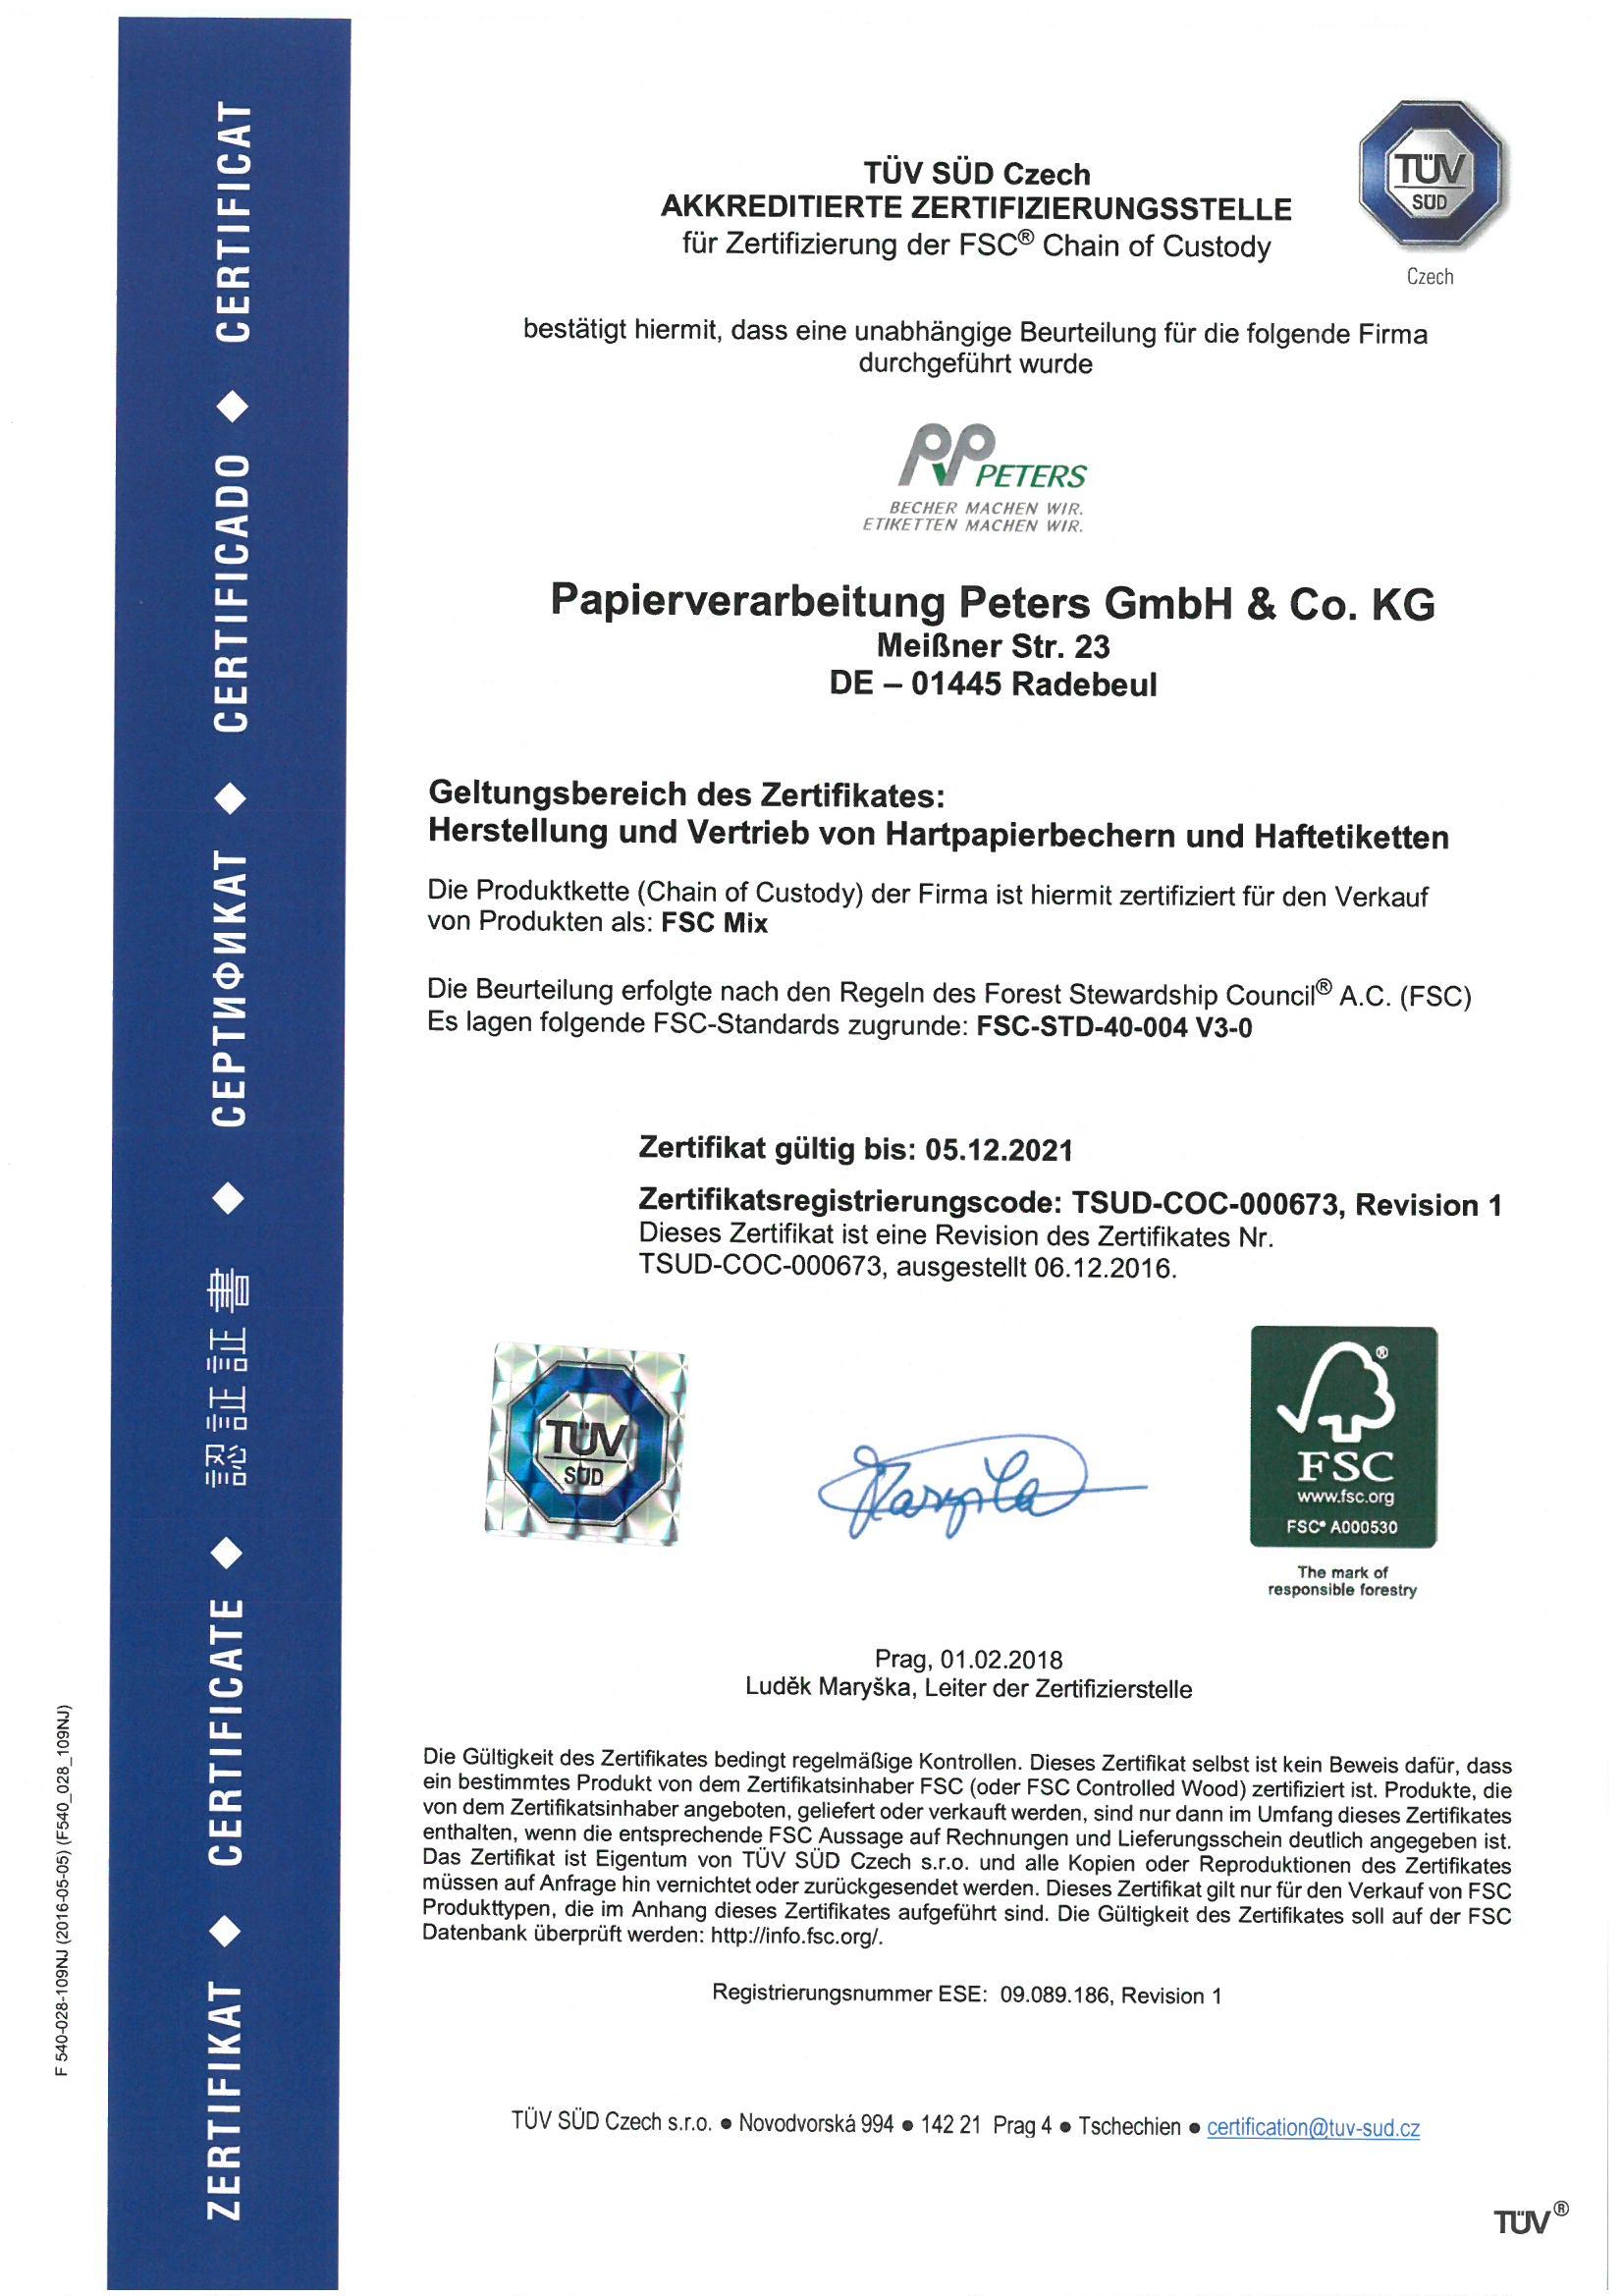 Gütesiegel Forest Stuwardship Council Certificate